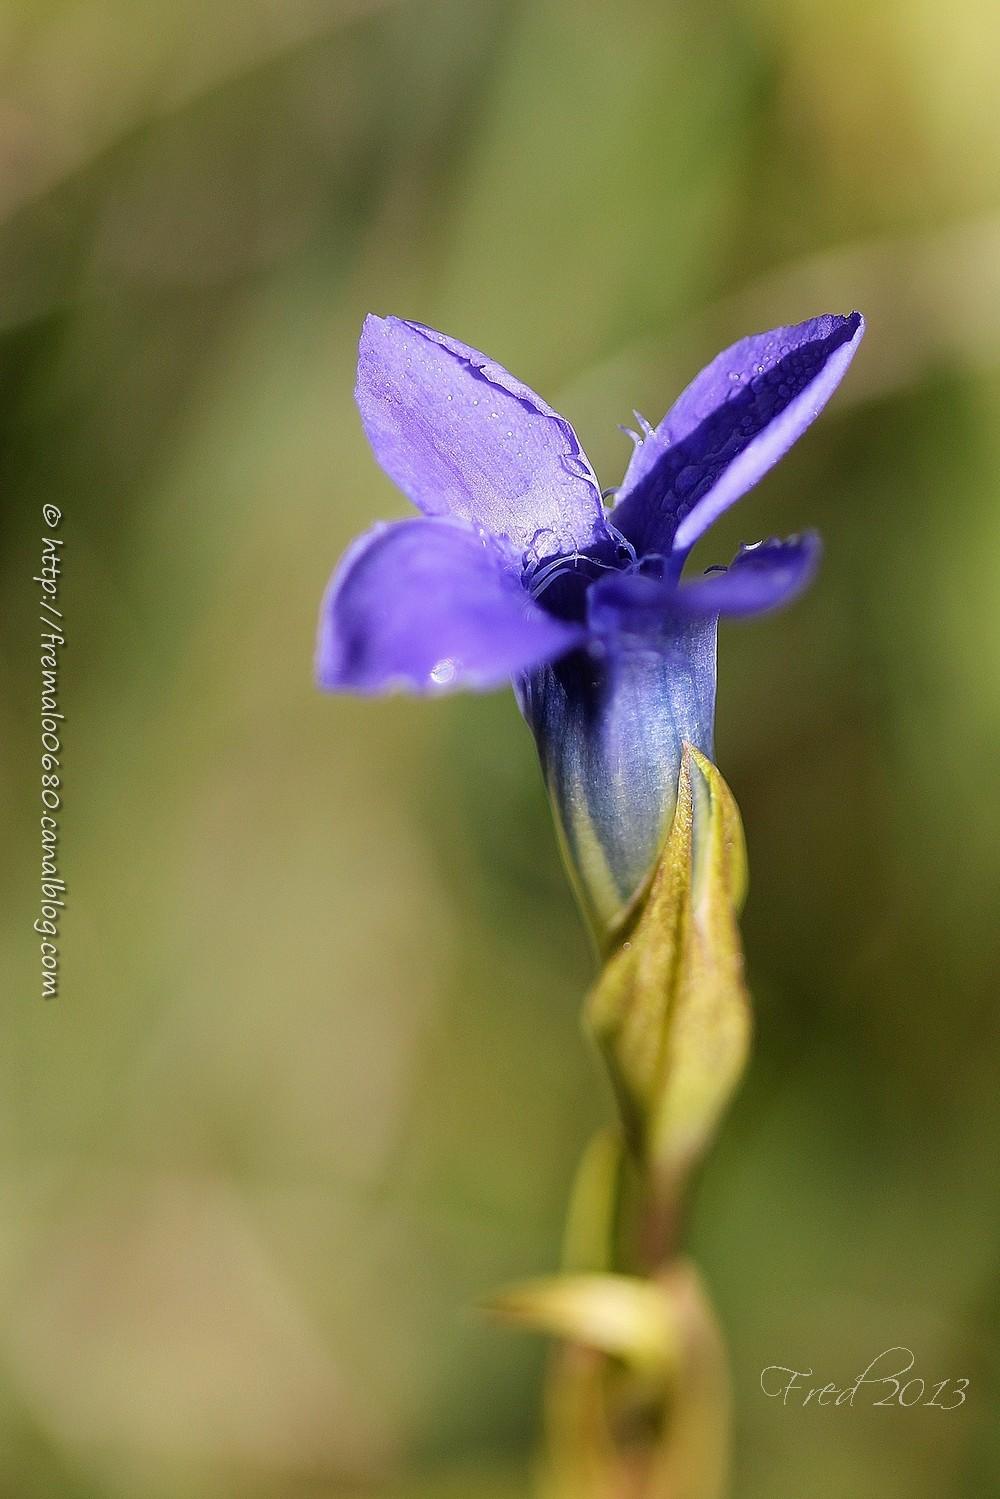 Gentiane ciliée, Gentianella ciliata, fleur, végét